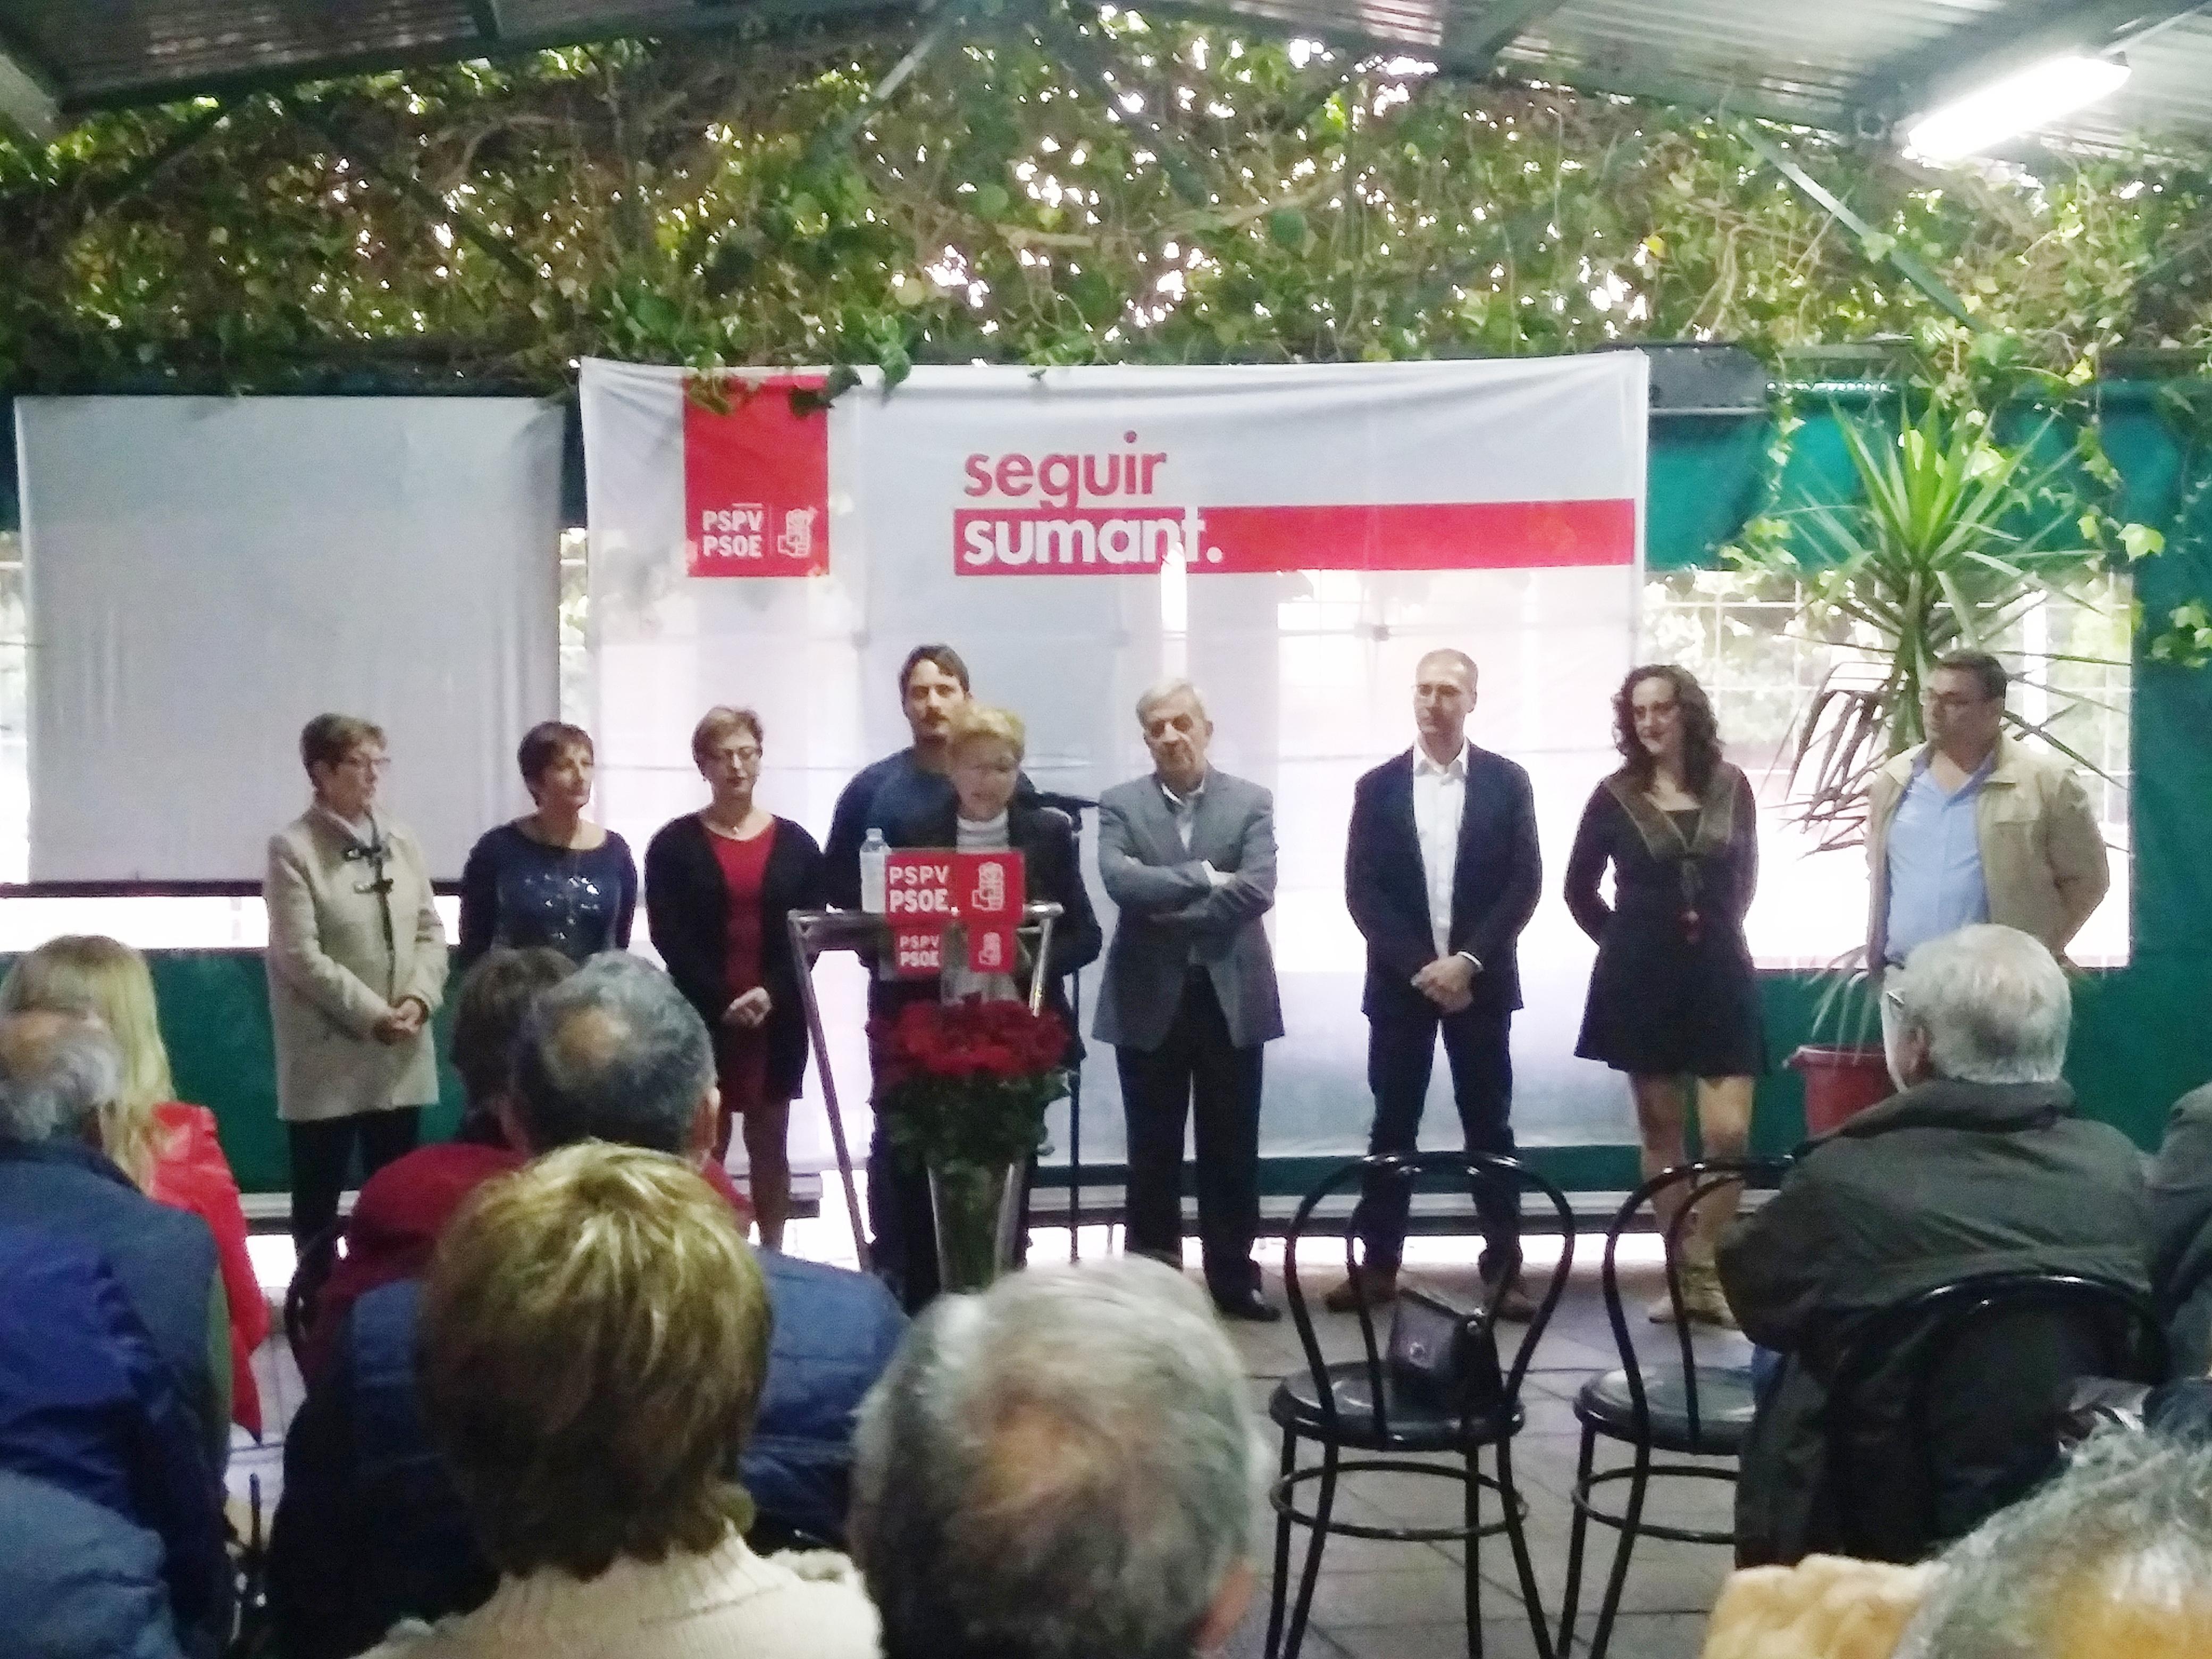 EL PSPV-PSOE de Alborache presenta a Paqui Collado como candidata a la alcaldía.